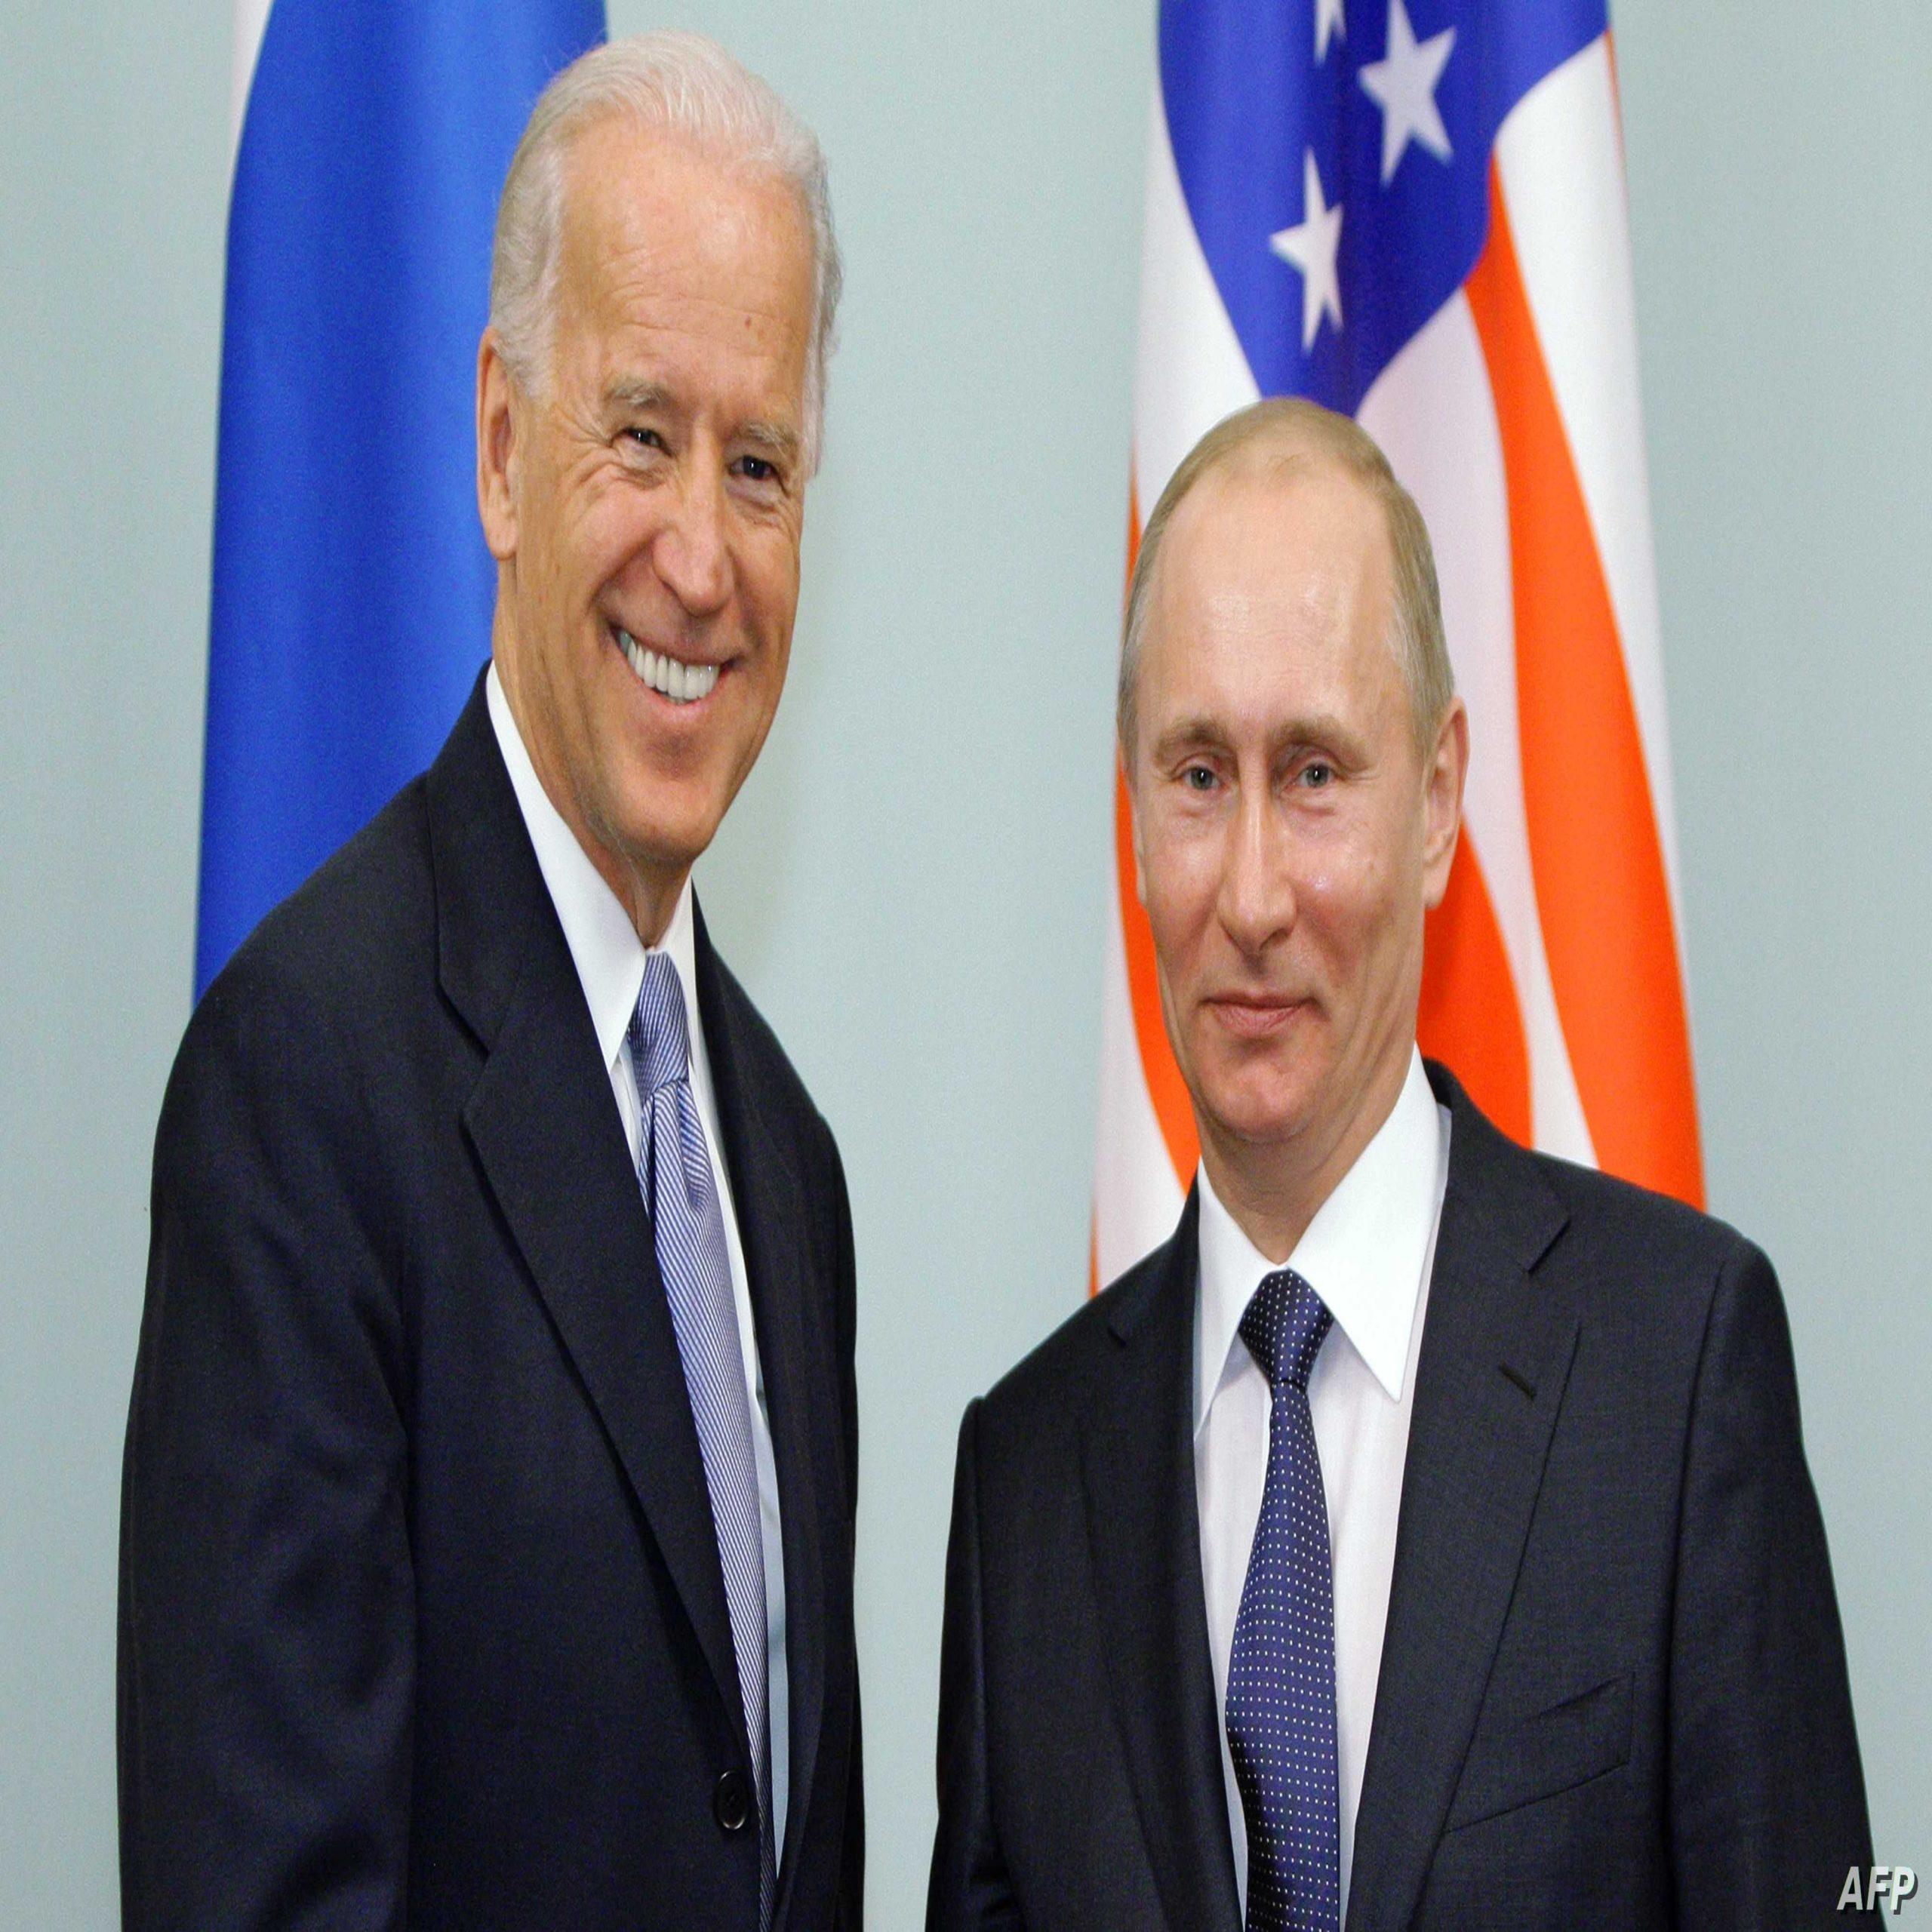 الشرق الأوسط: موسكو ستطالب واشنطن بثمن سياسي بسوريا خلال لقاء مرتقب